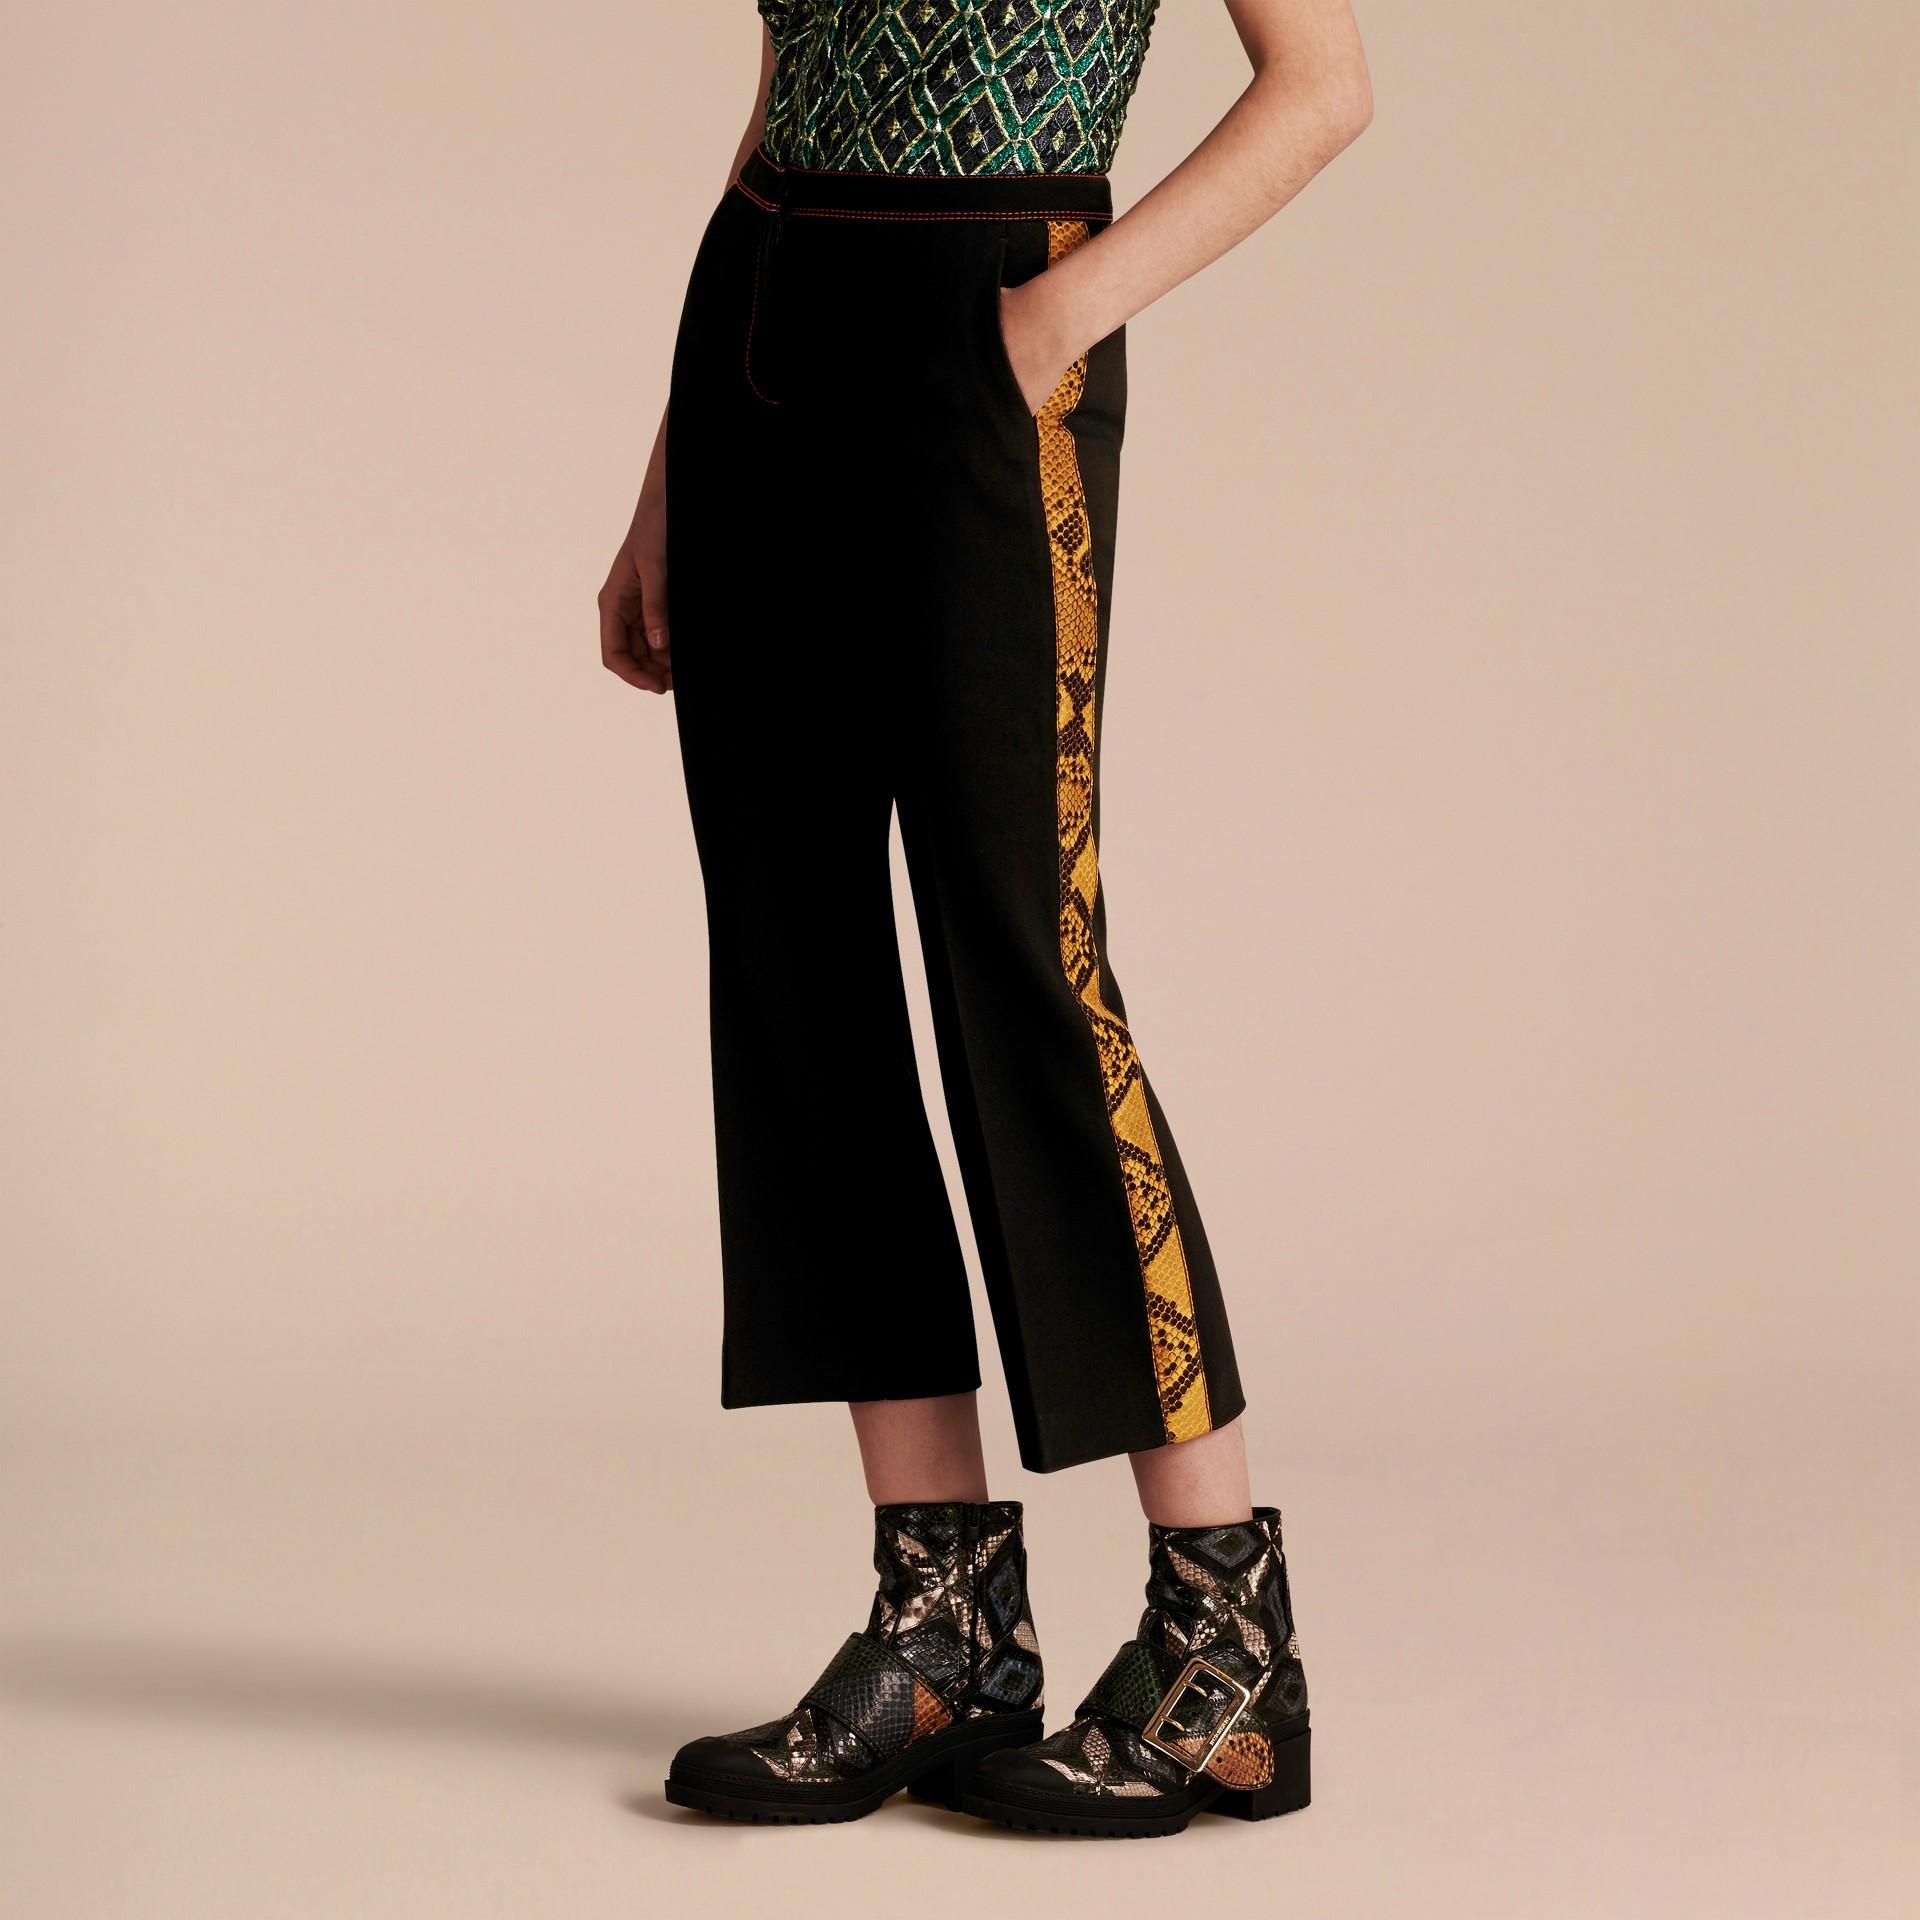 Schwarz Schmal geschnittene Hose mit kürzerer Beinlänge und Pythonmuster - Galerie-Bild 7